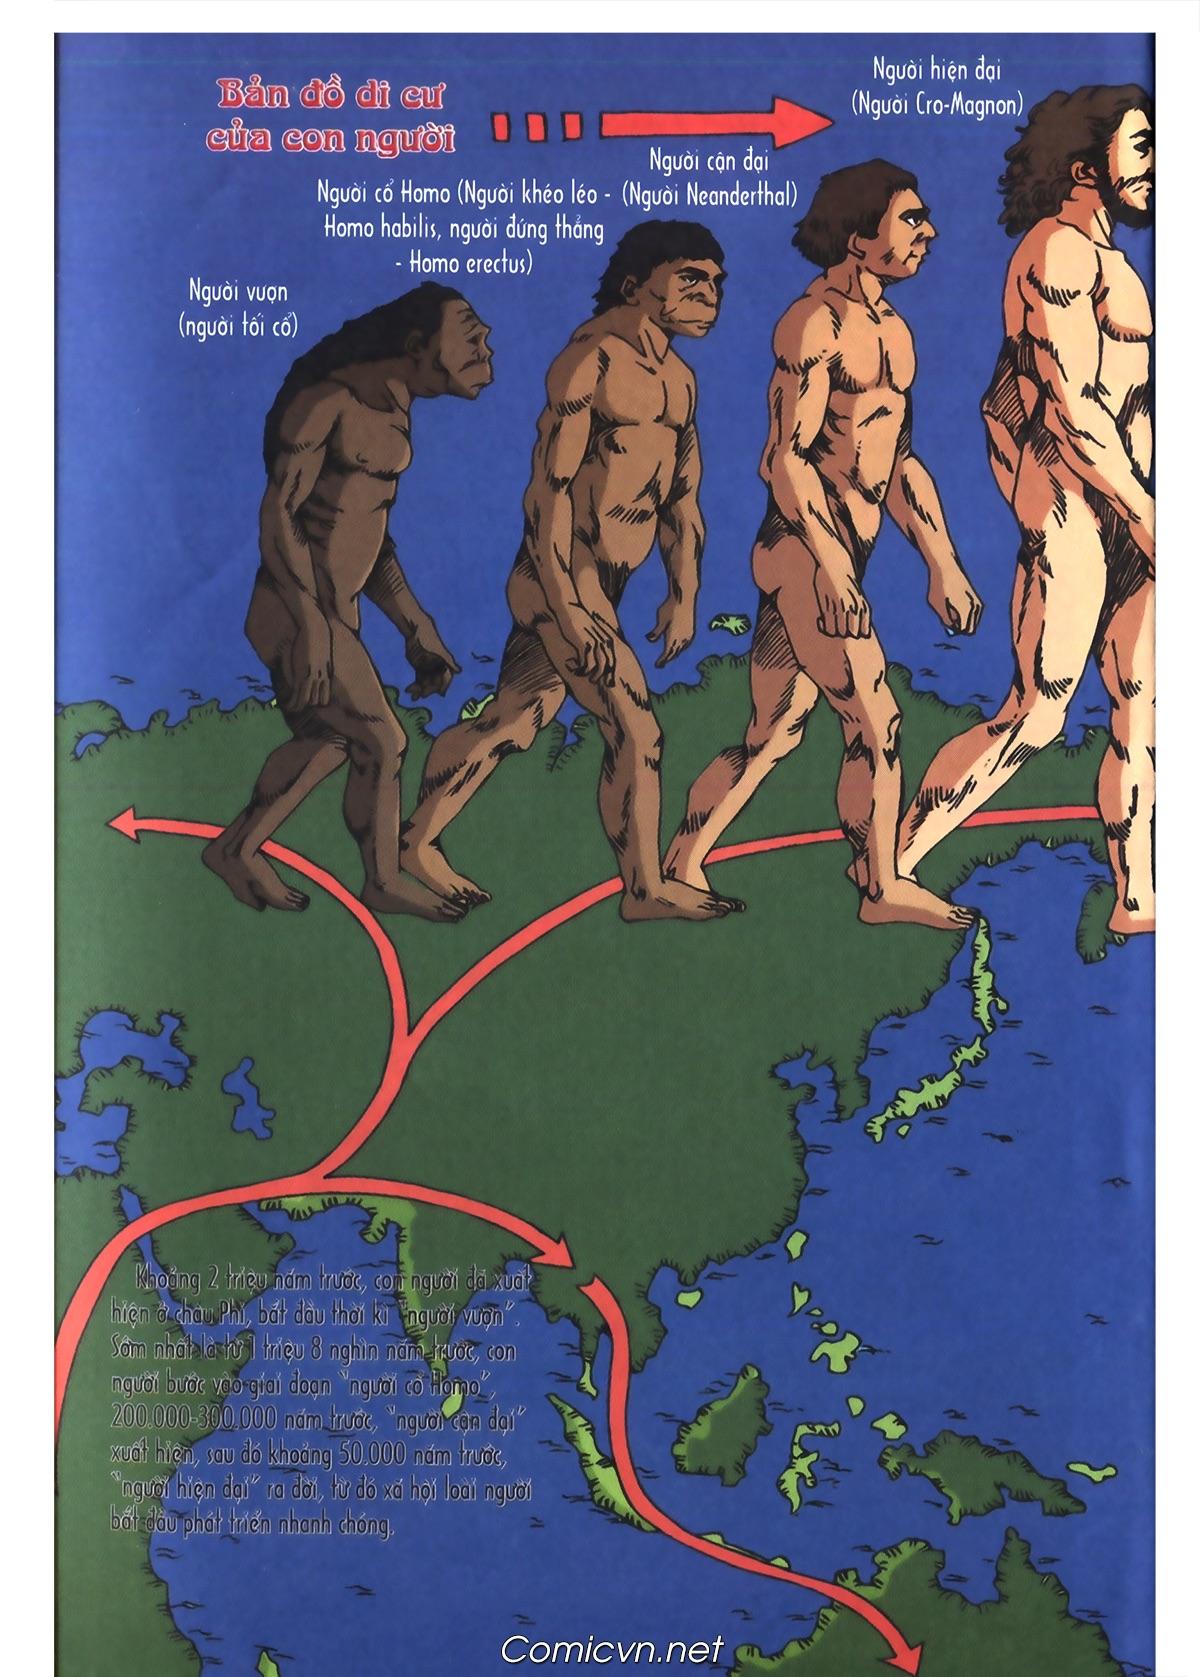 Lược sử thế giới bằng tranh